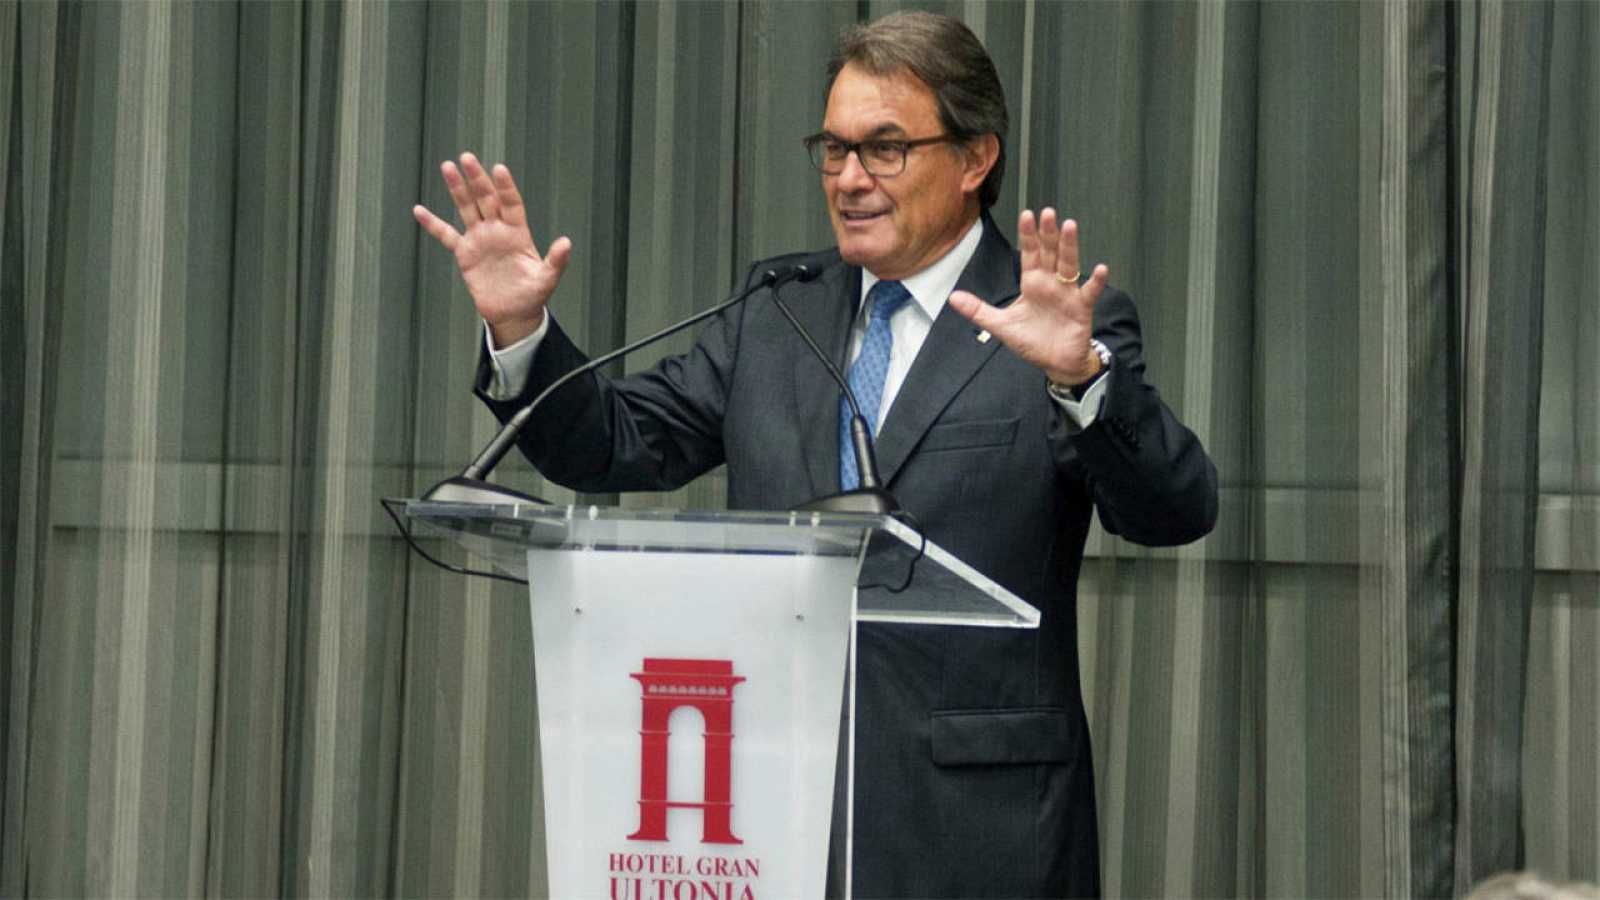 El presidente catalán, Artur Mas, en una conferencia en la Cámara de Comercio de Girona.